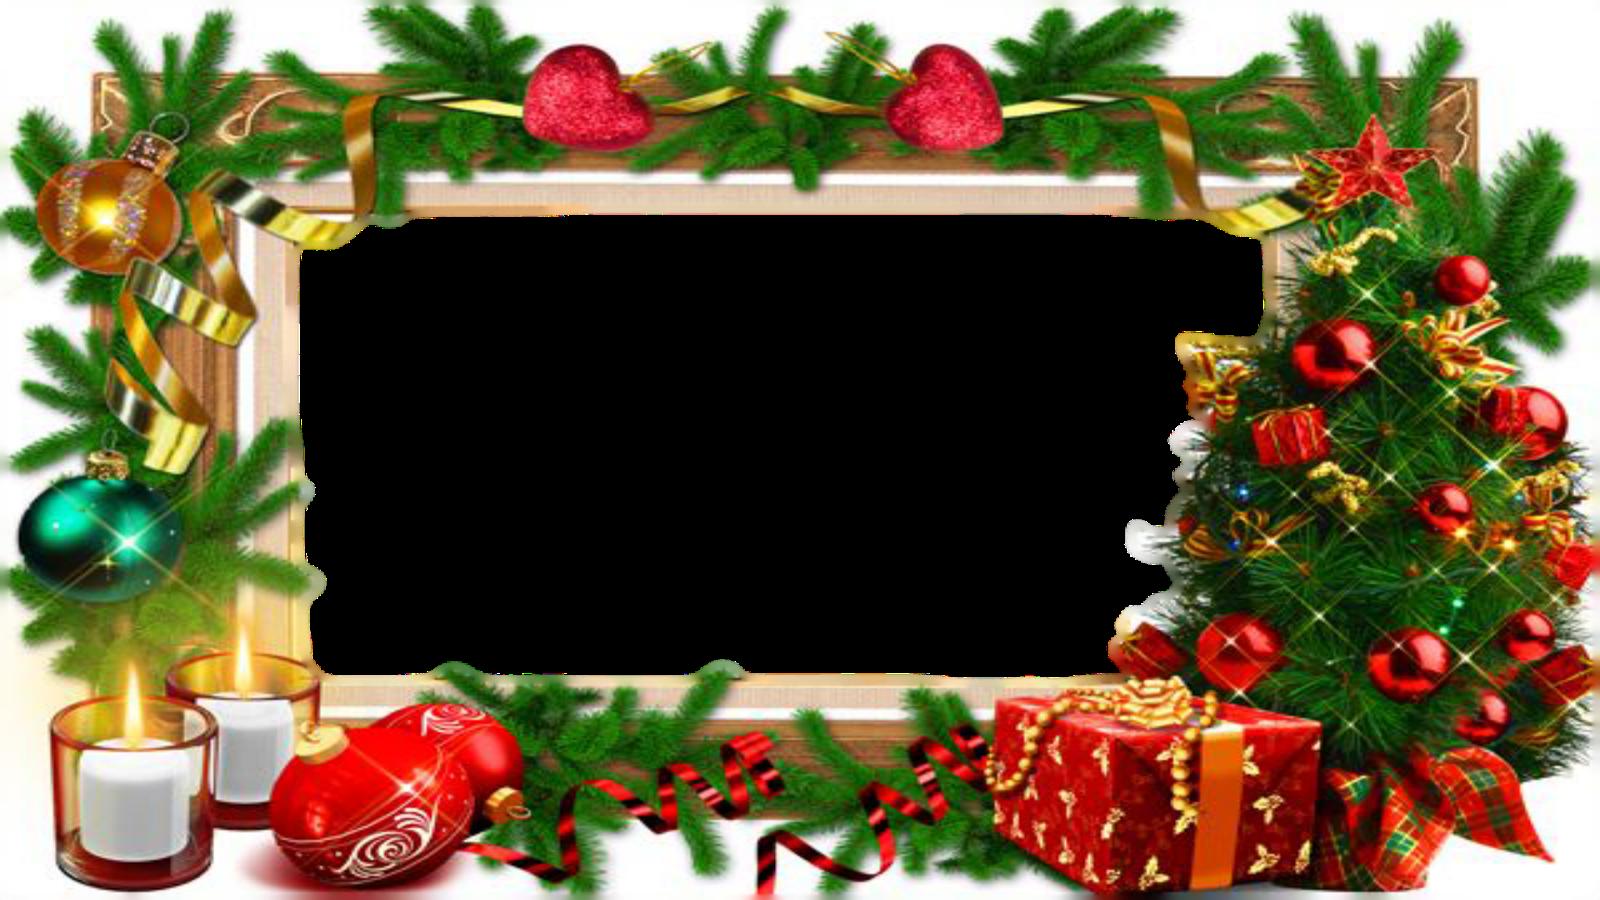 Christmas_Frame_composto D_16x9 png